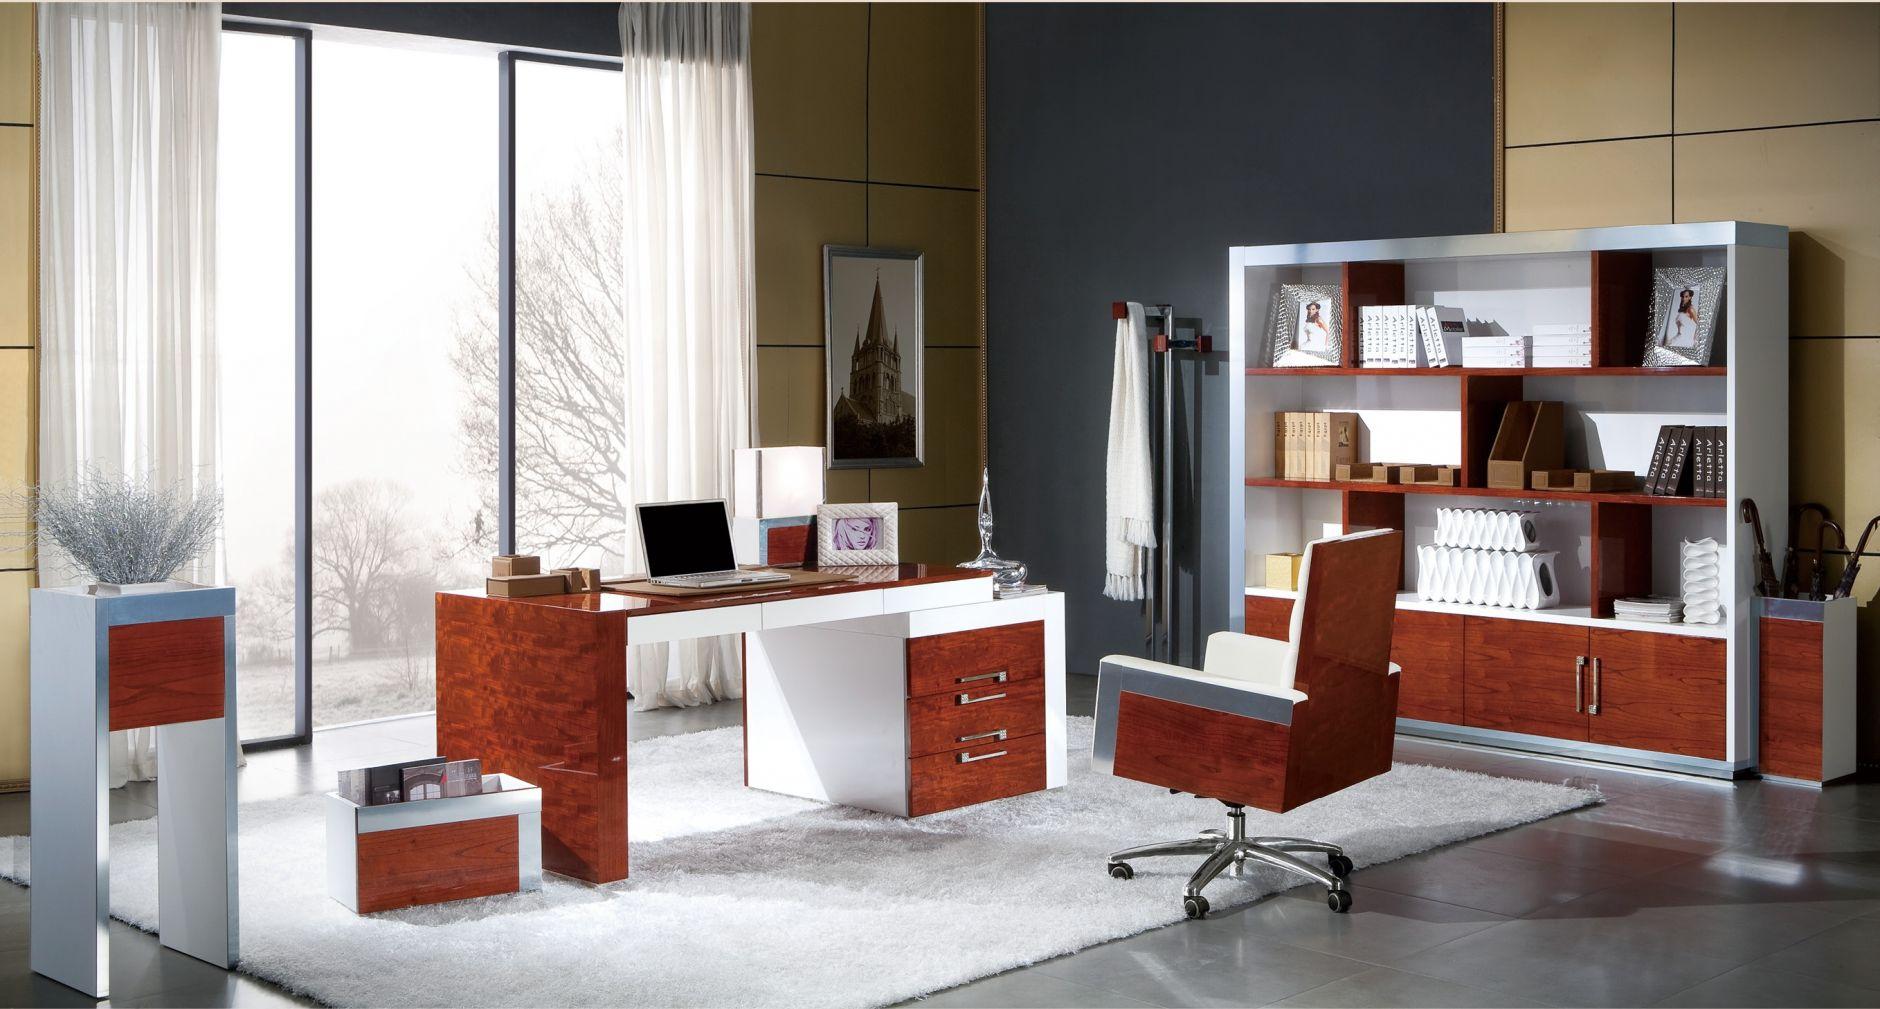 Diseno De Muebles Para Oficina.Sillas De Oficina Muebles Para Oficina Diseno Serie Ys003muebles